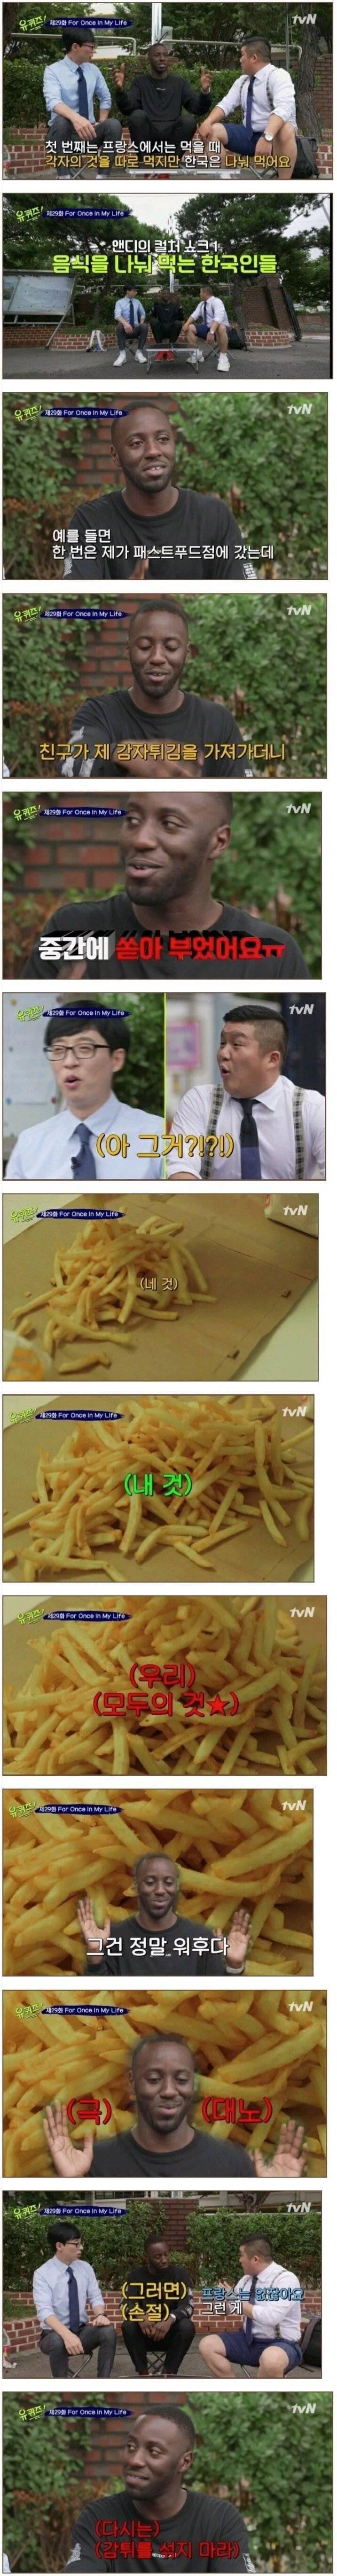 한국에서 감튀 먹다가 분노한 프랑스인 | 인스티즈